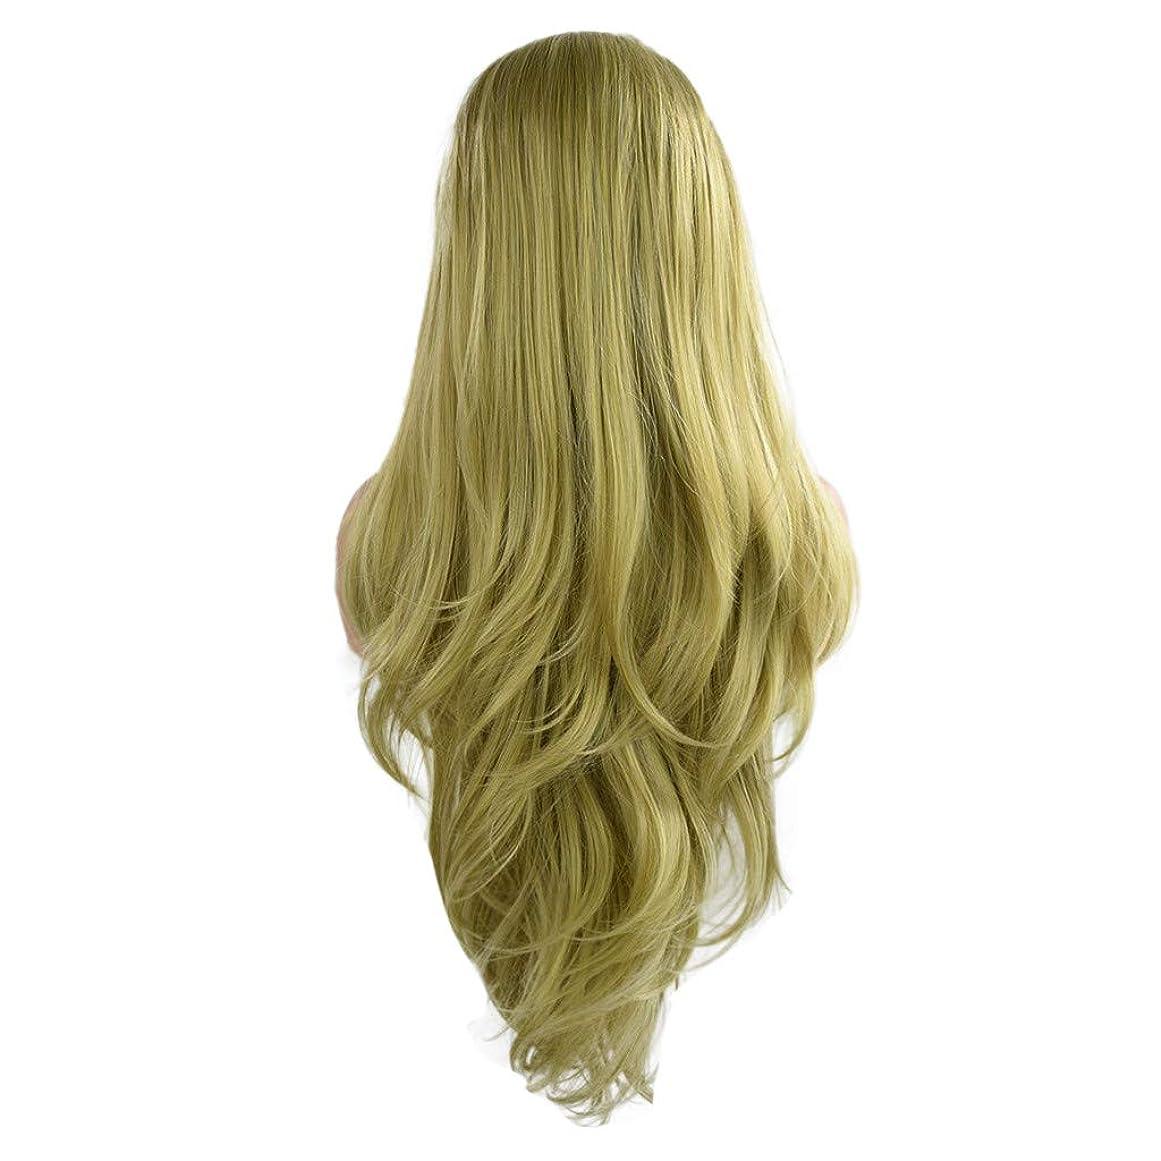 説教する座るデッド女性の緑の長い巻き毛のフロントレースかつらファッションポップかつら24インチかつら